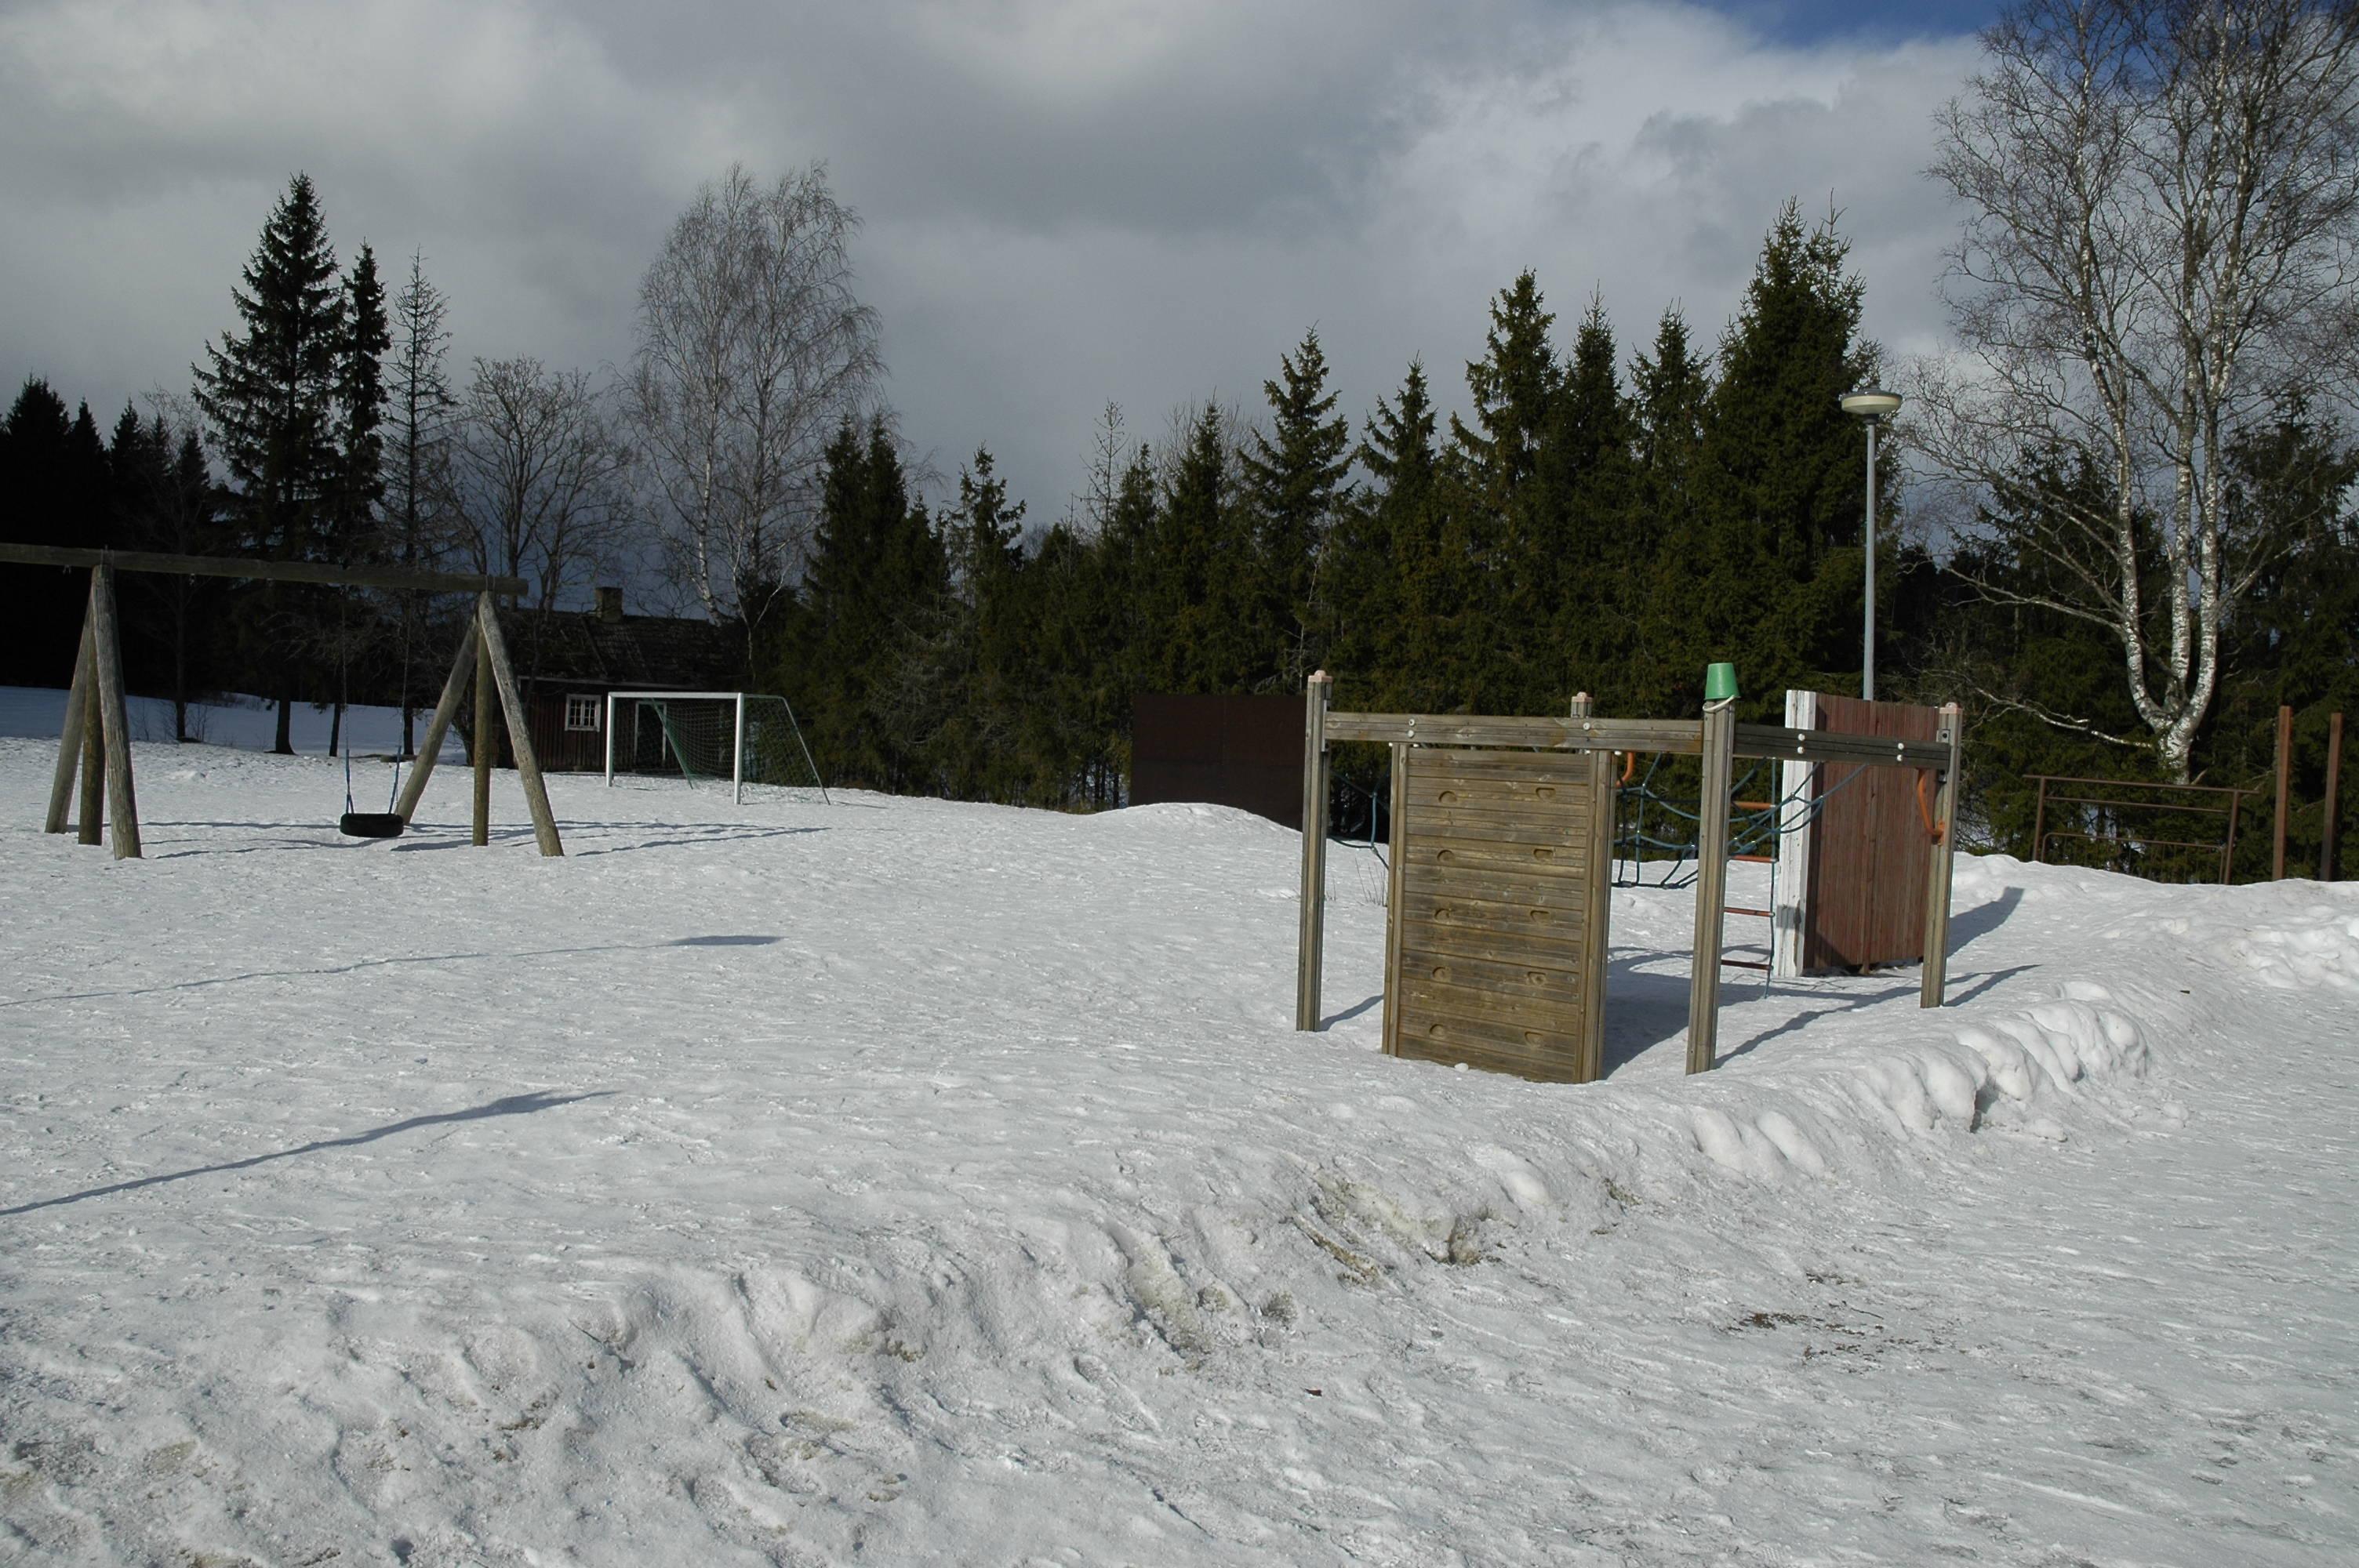 vihti-jokikunnan-koulun-kentta-4